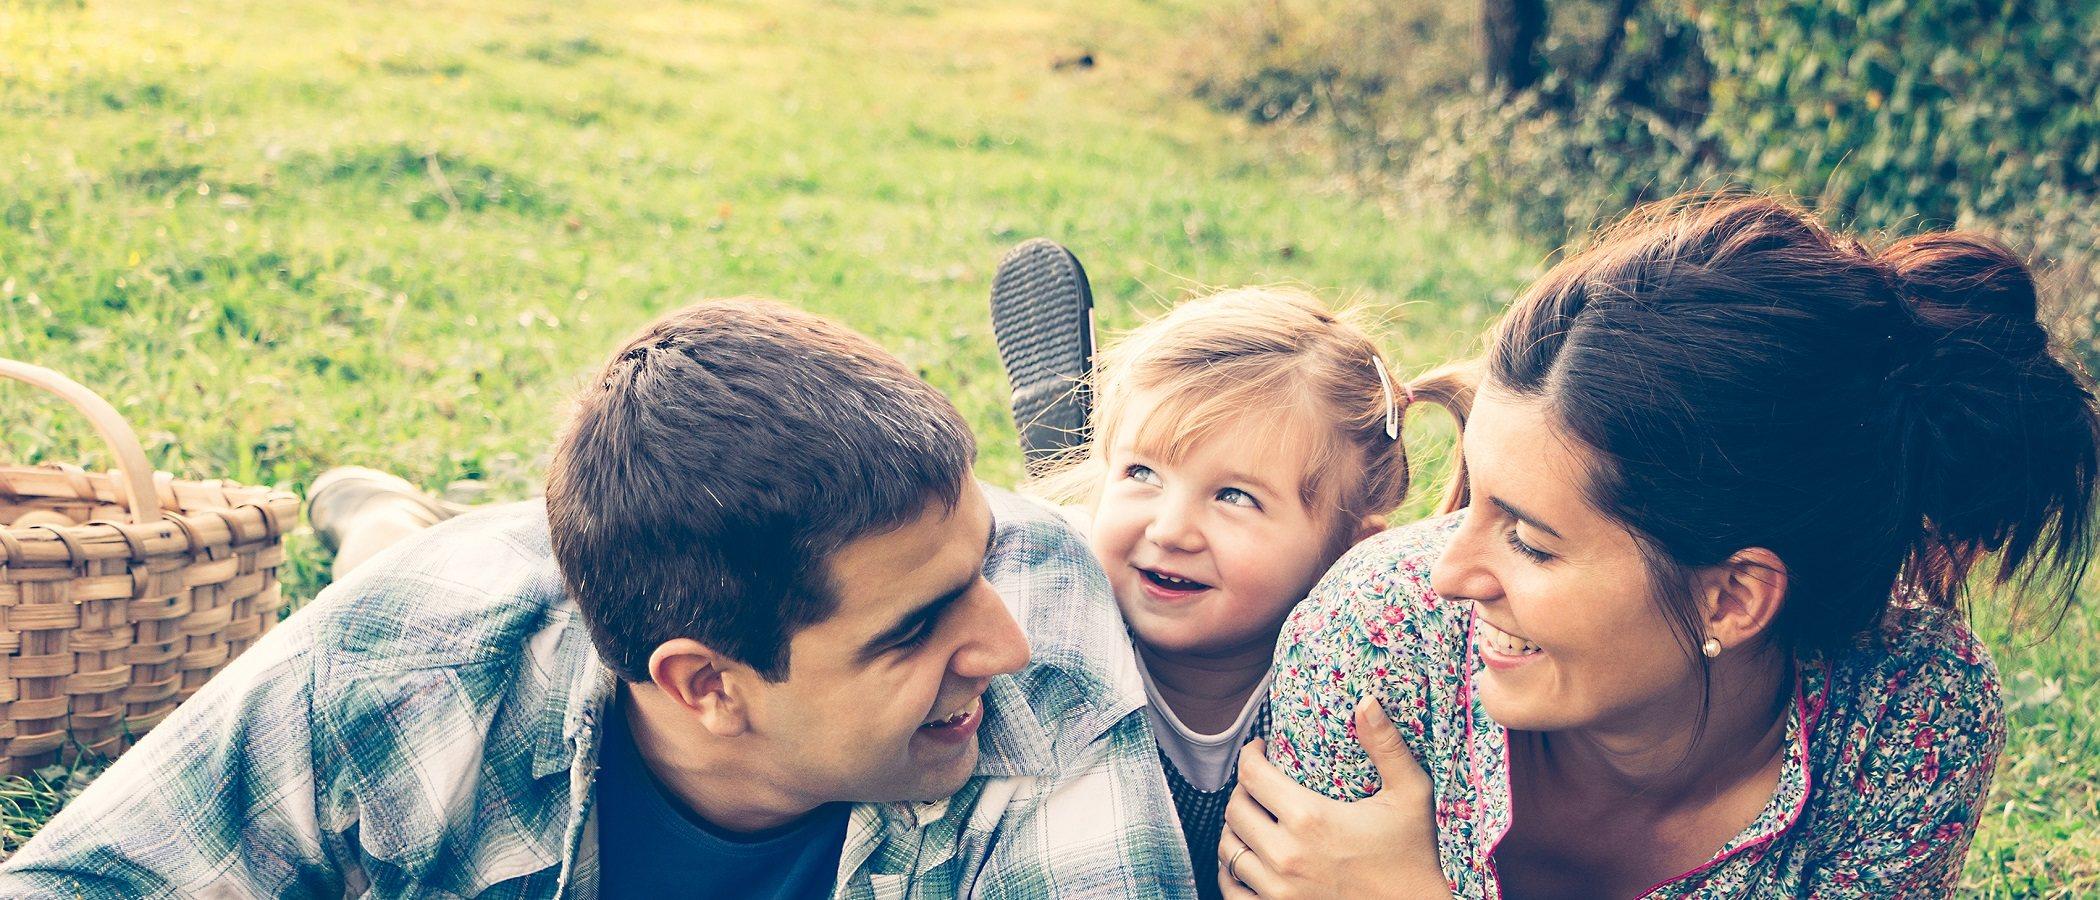 Aprende a compartir los sentimientos por tu familia